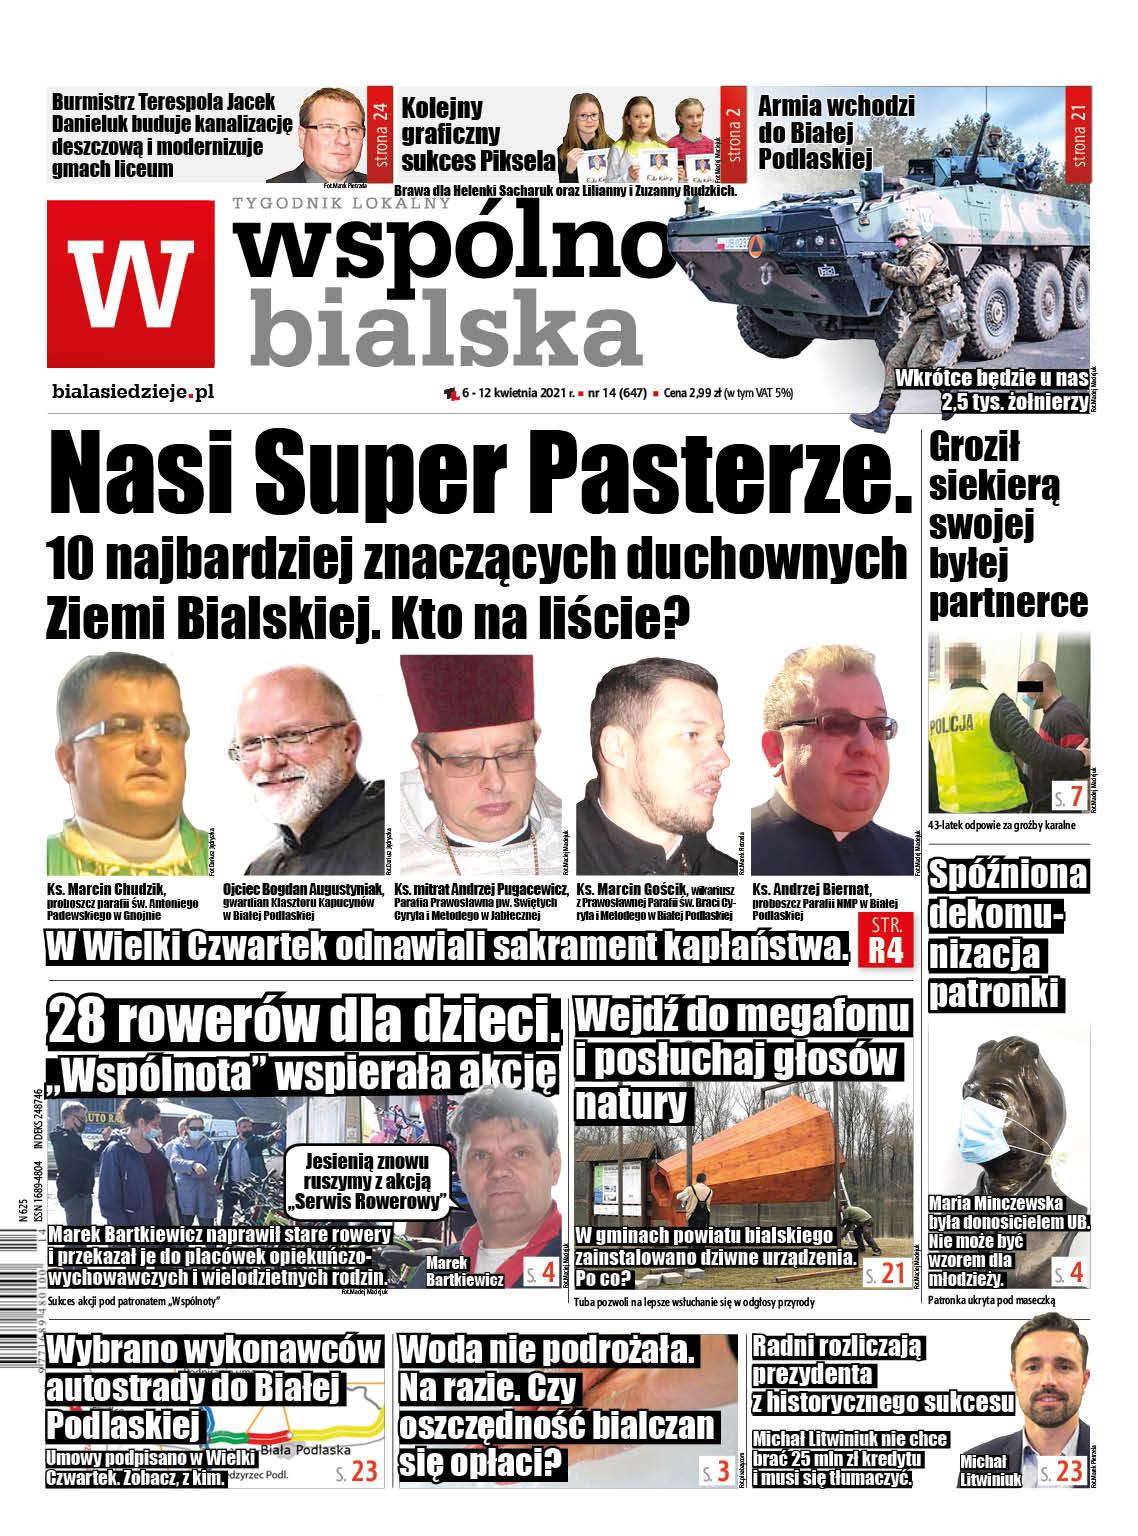 SUPER PASTERZE ZIEMI BIALSKIEJ - Zdjęcie główne